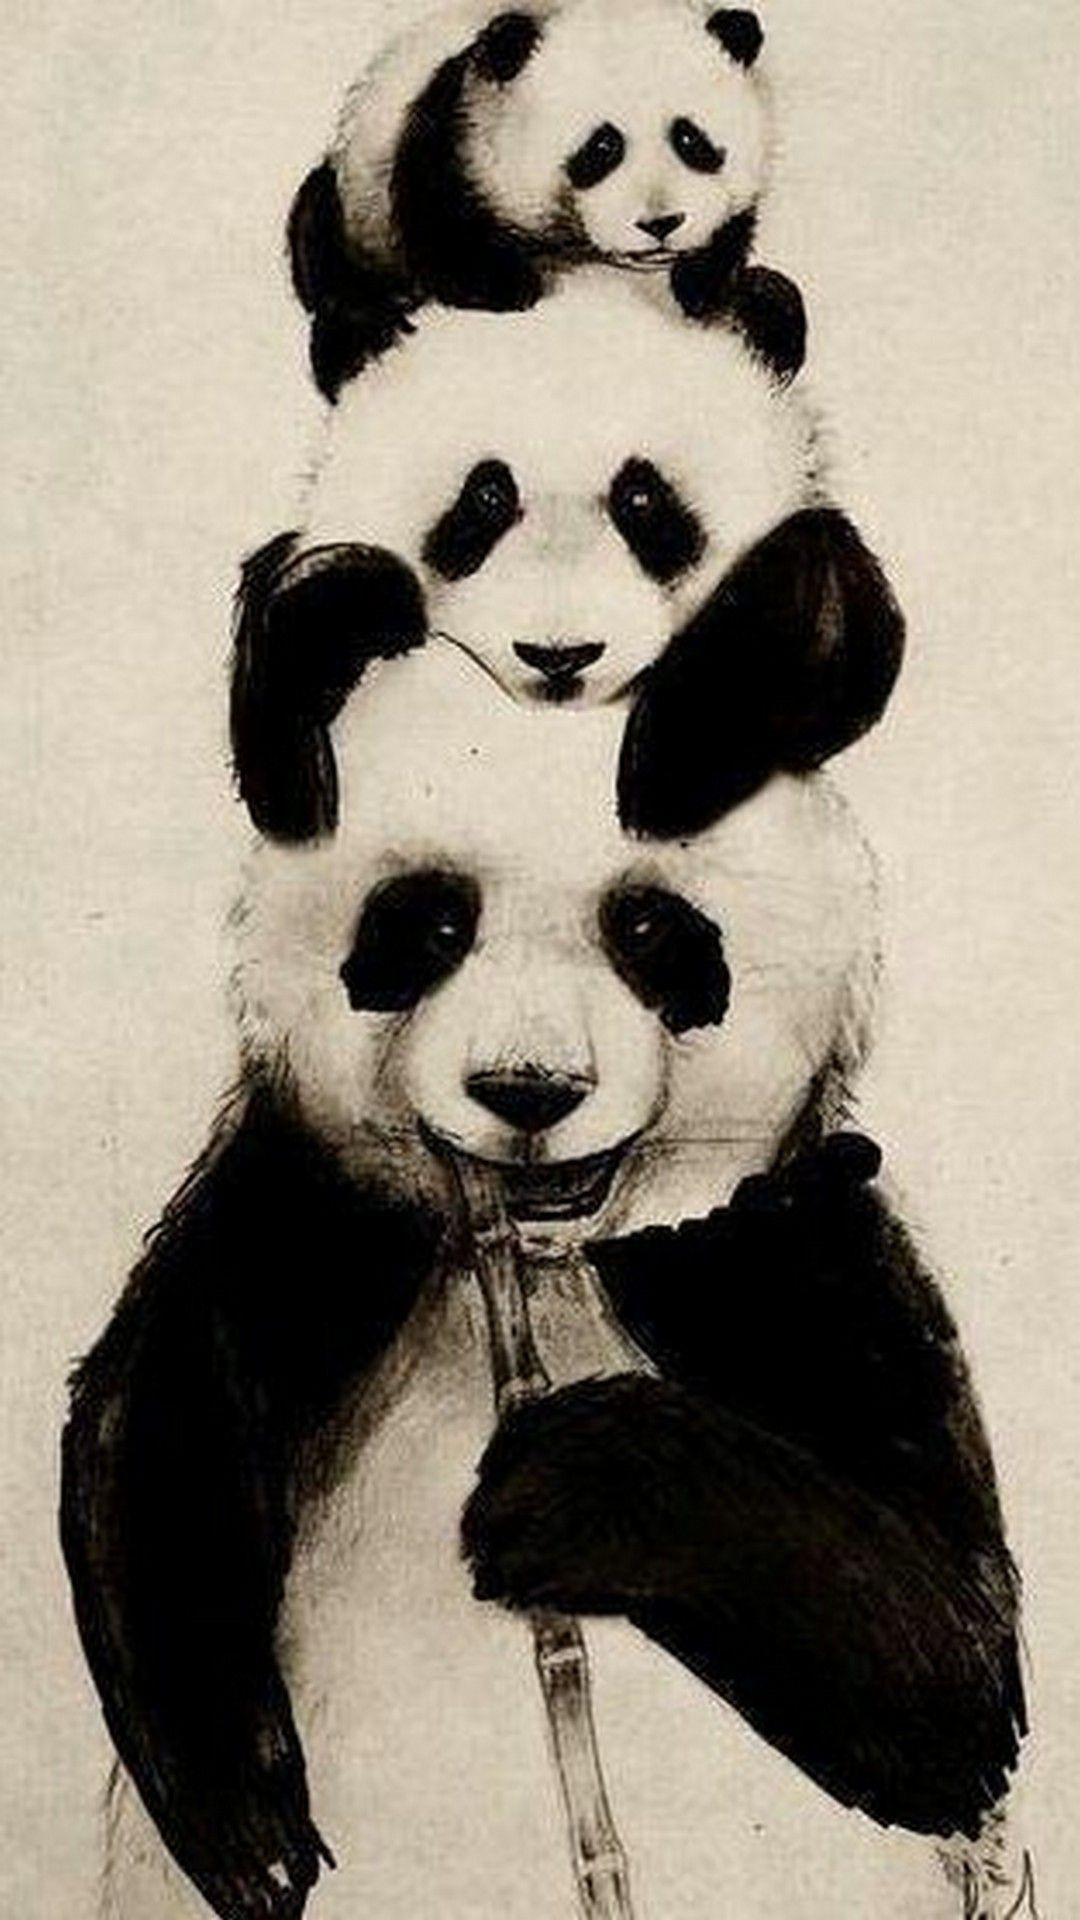 Res: 1080x1920, iPhone X Cute Panda Wallpaper Cute Panda Wallpaper android Best Hd  Wallpapers Of iPhone X Cute